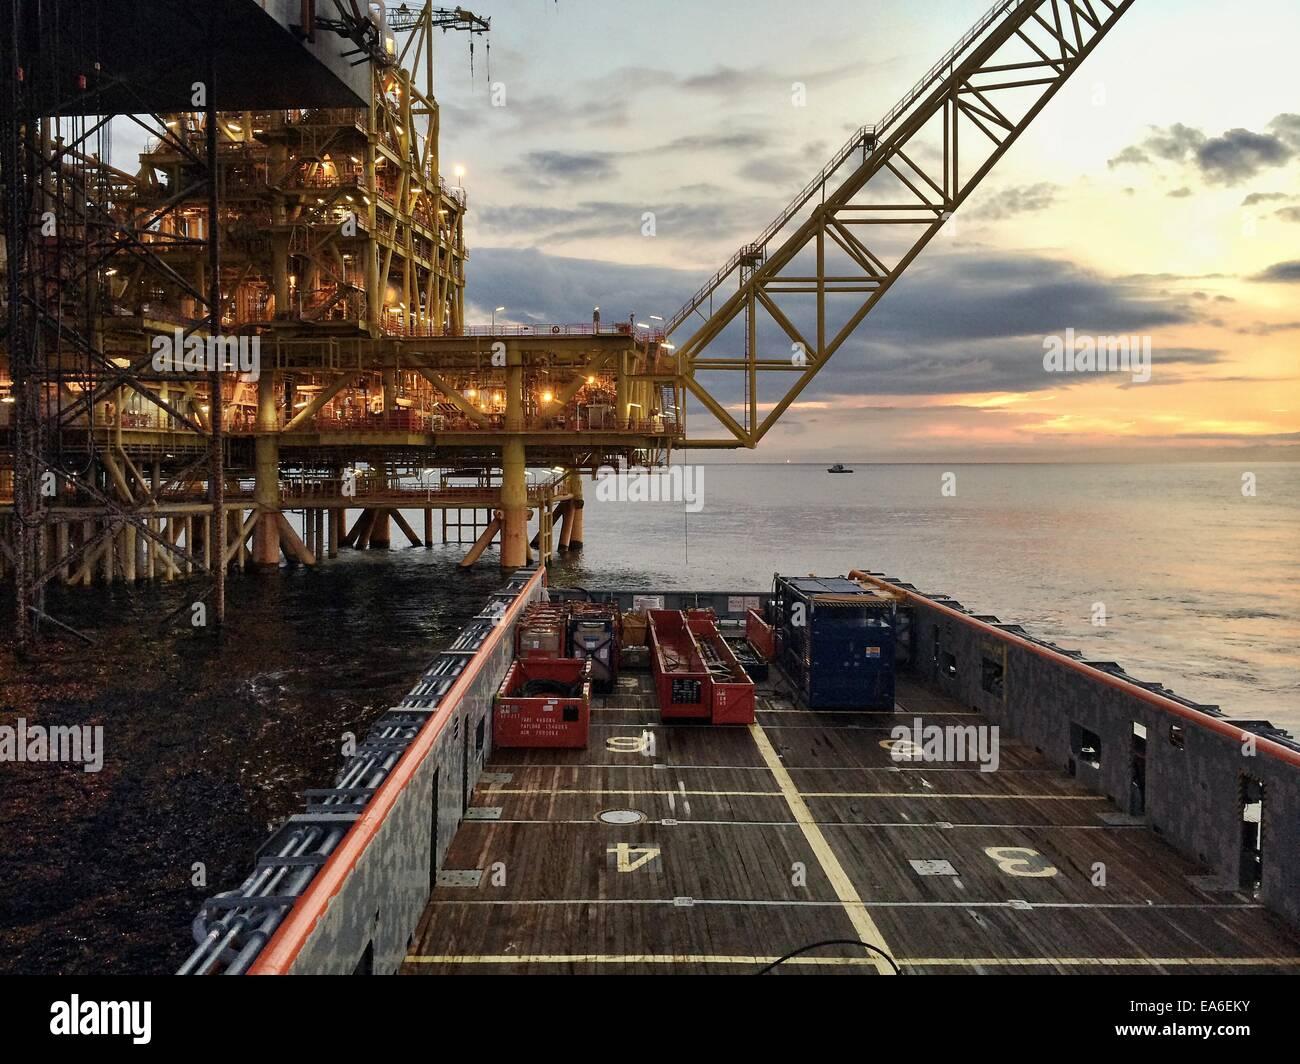 Zentrale Verarbeitung Ölplattform auf Cargo-Betrieb mit Offshore-Schiff bei Sonnenaufgang Stockbild